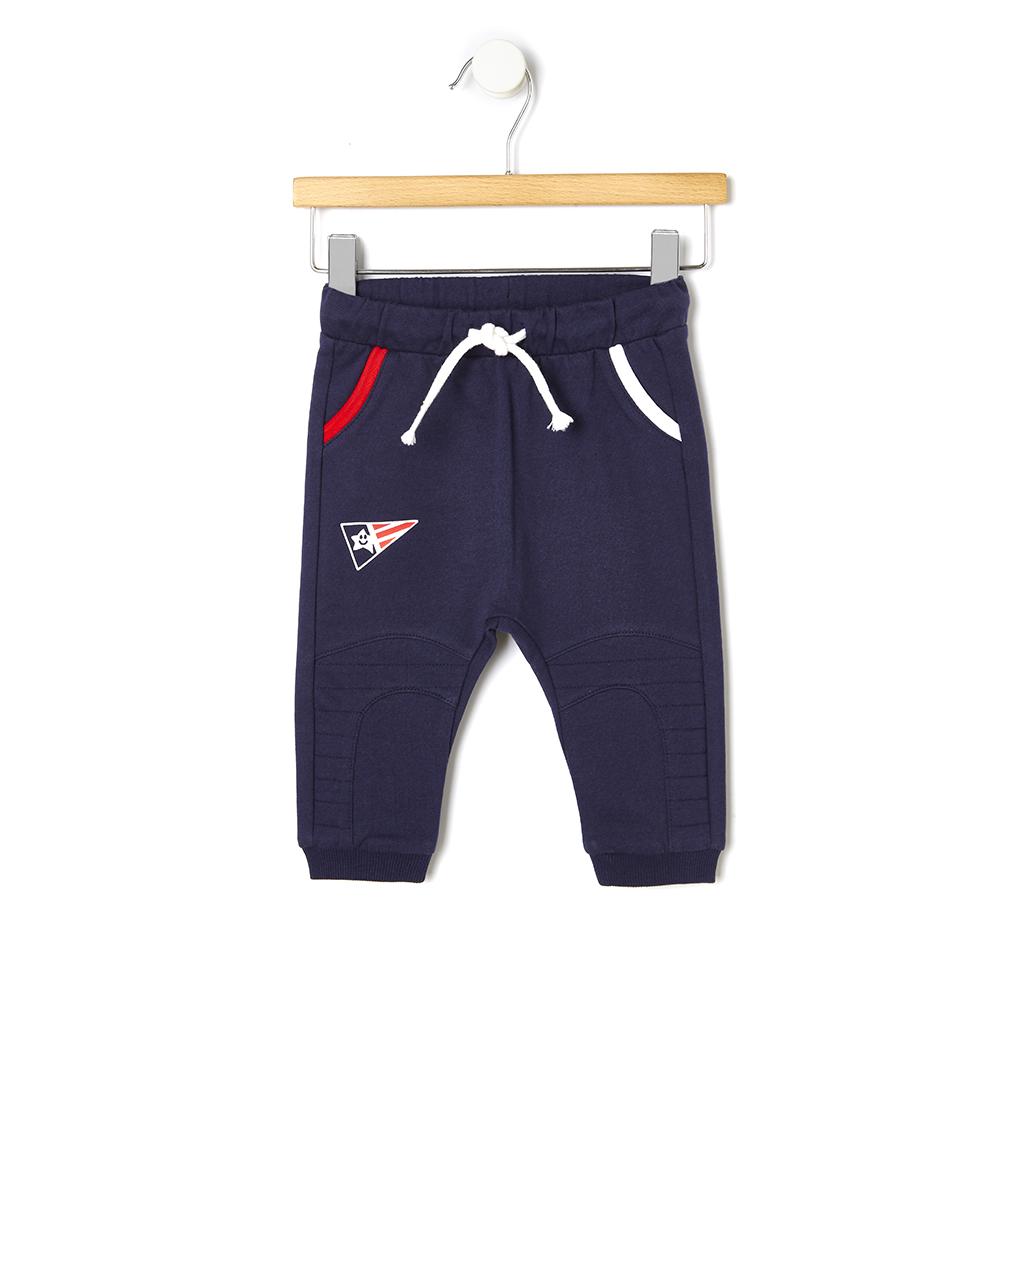 Παντελόνι με Patch για Αγόρι